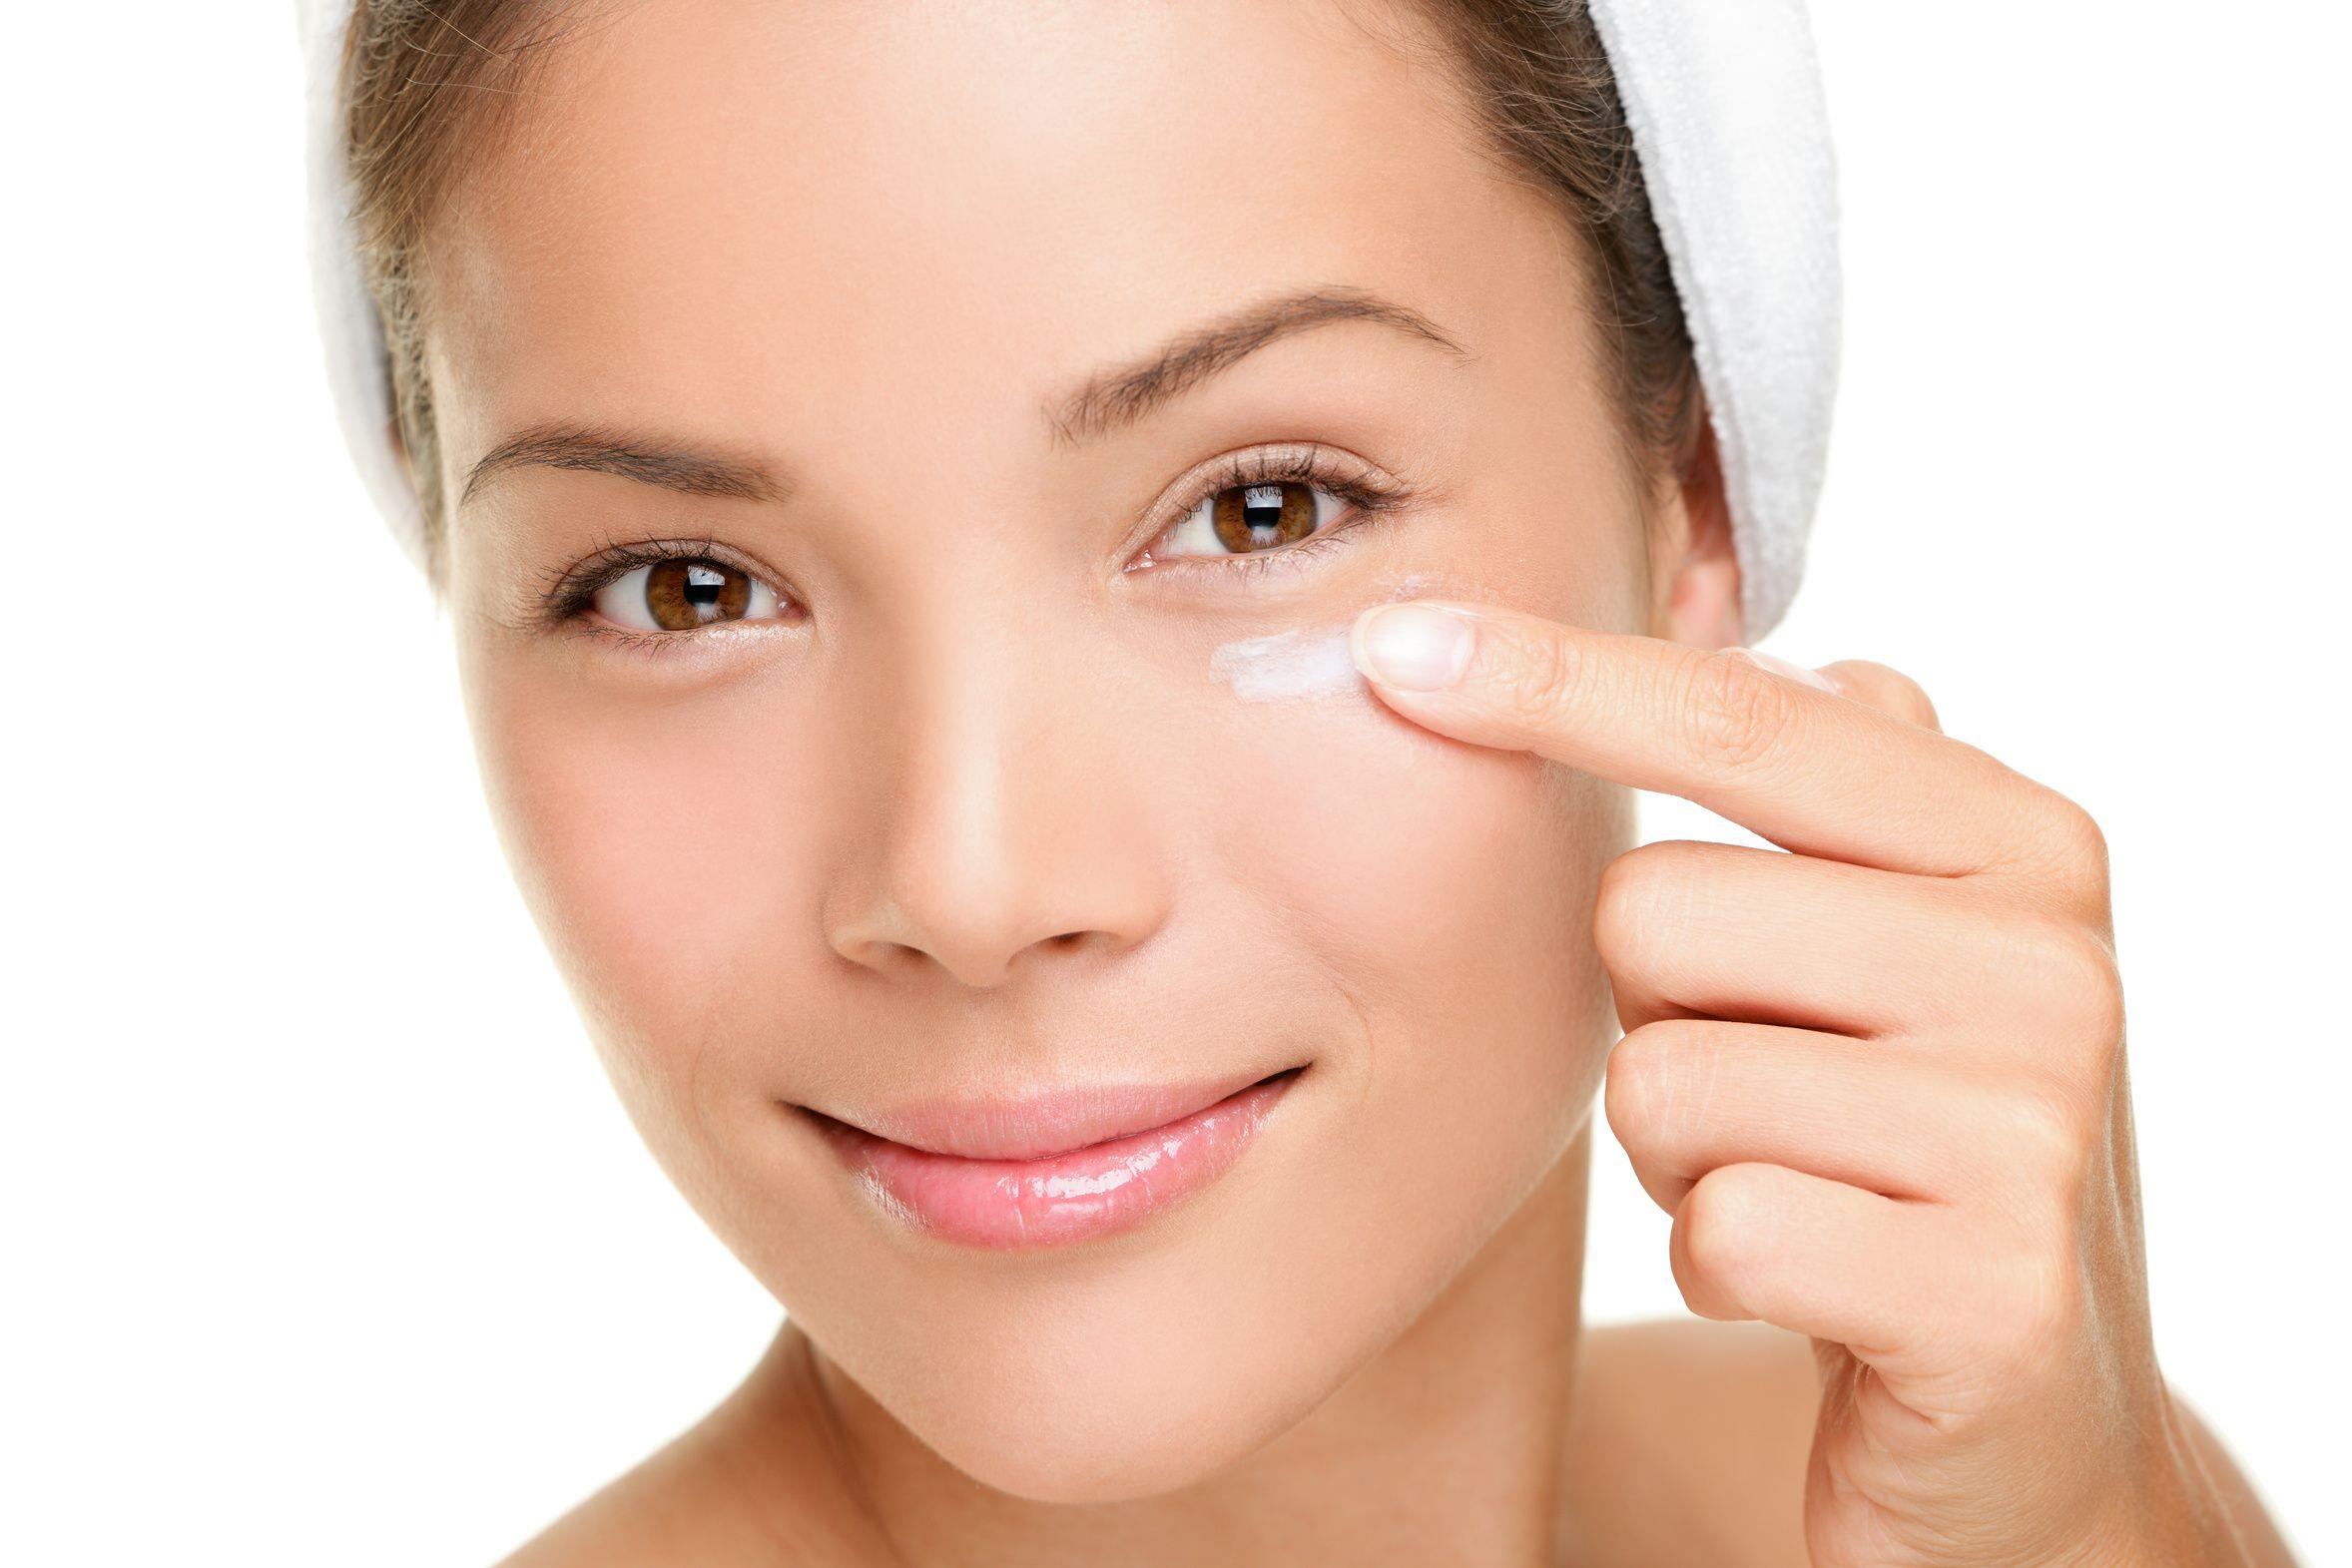 Los 5 mejores contornos de ojos recomendados por dermatólogos